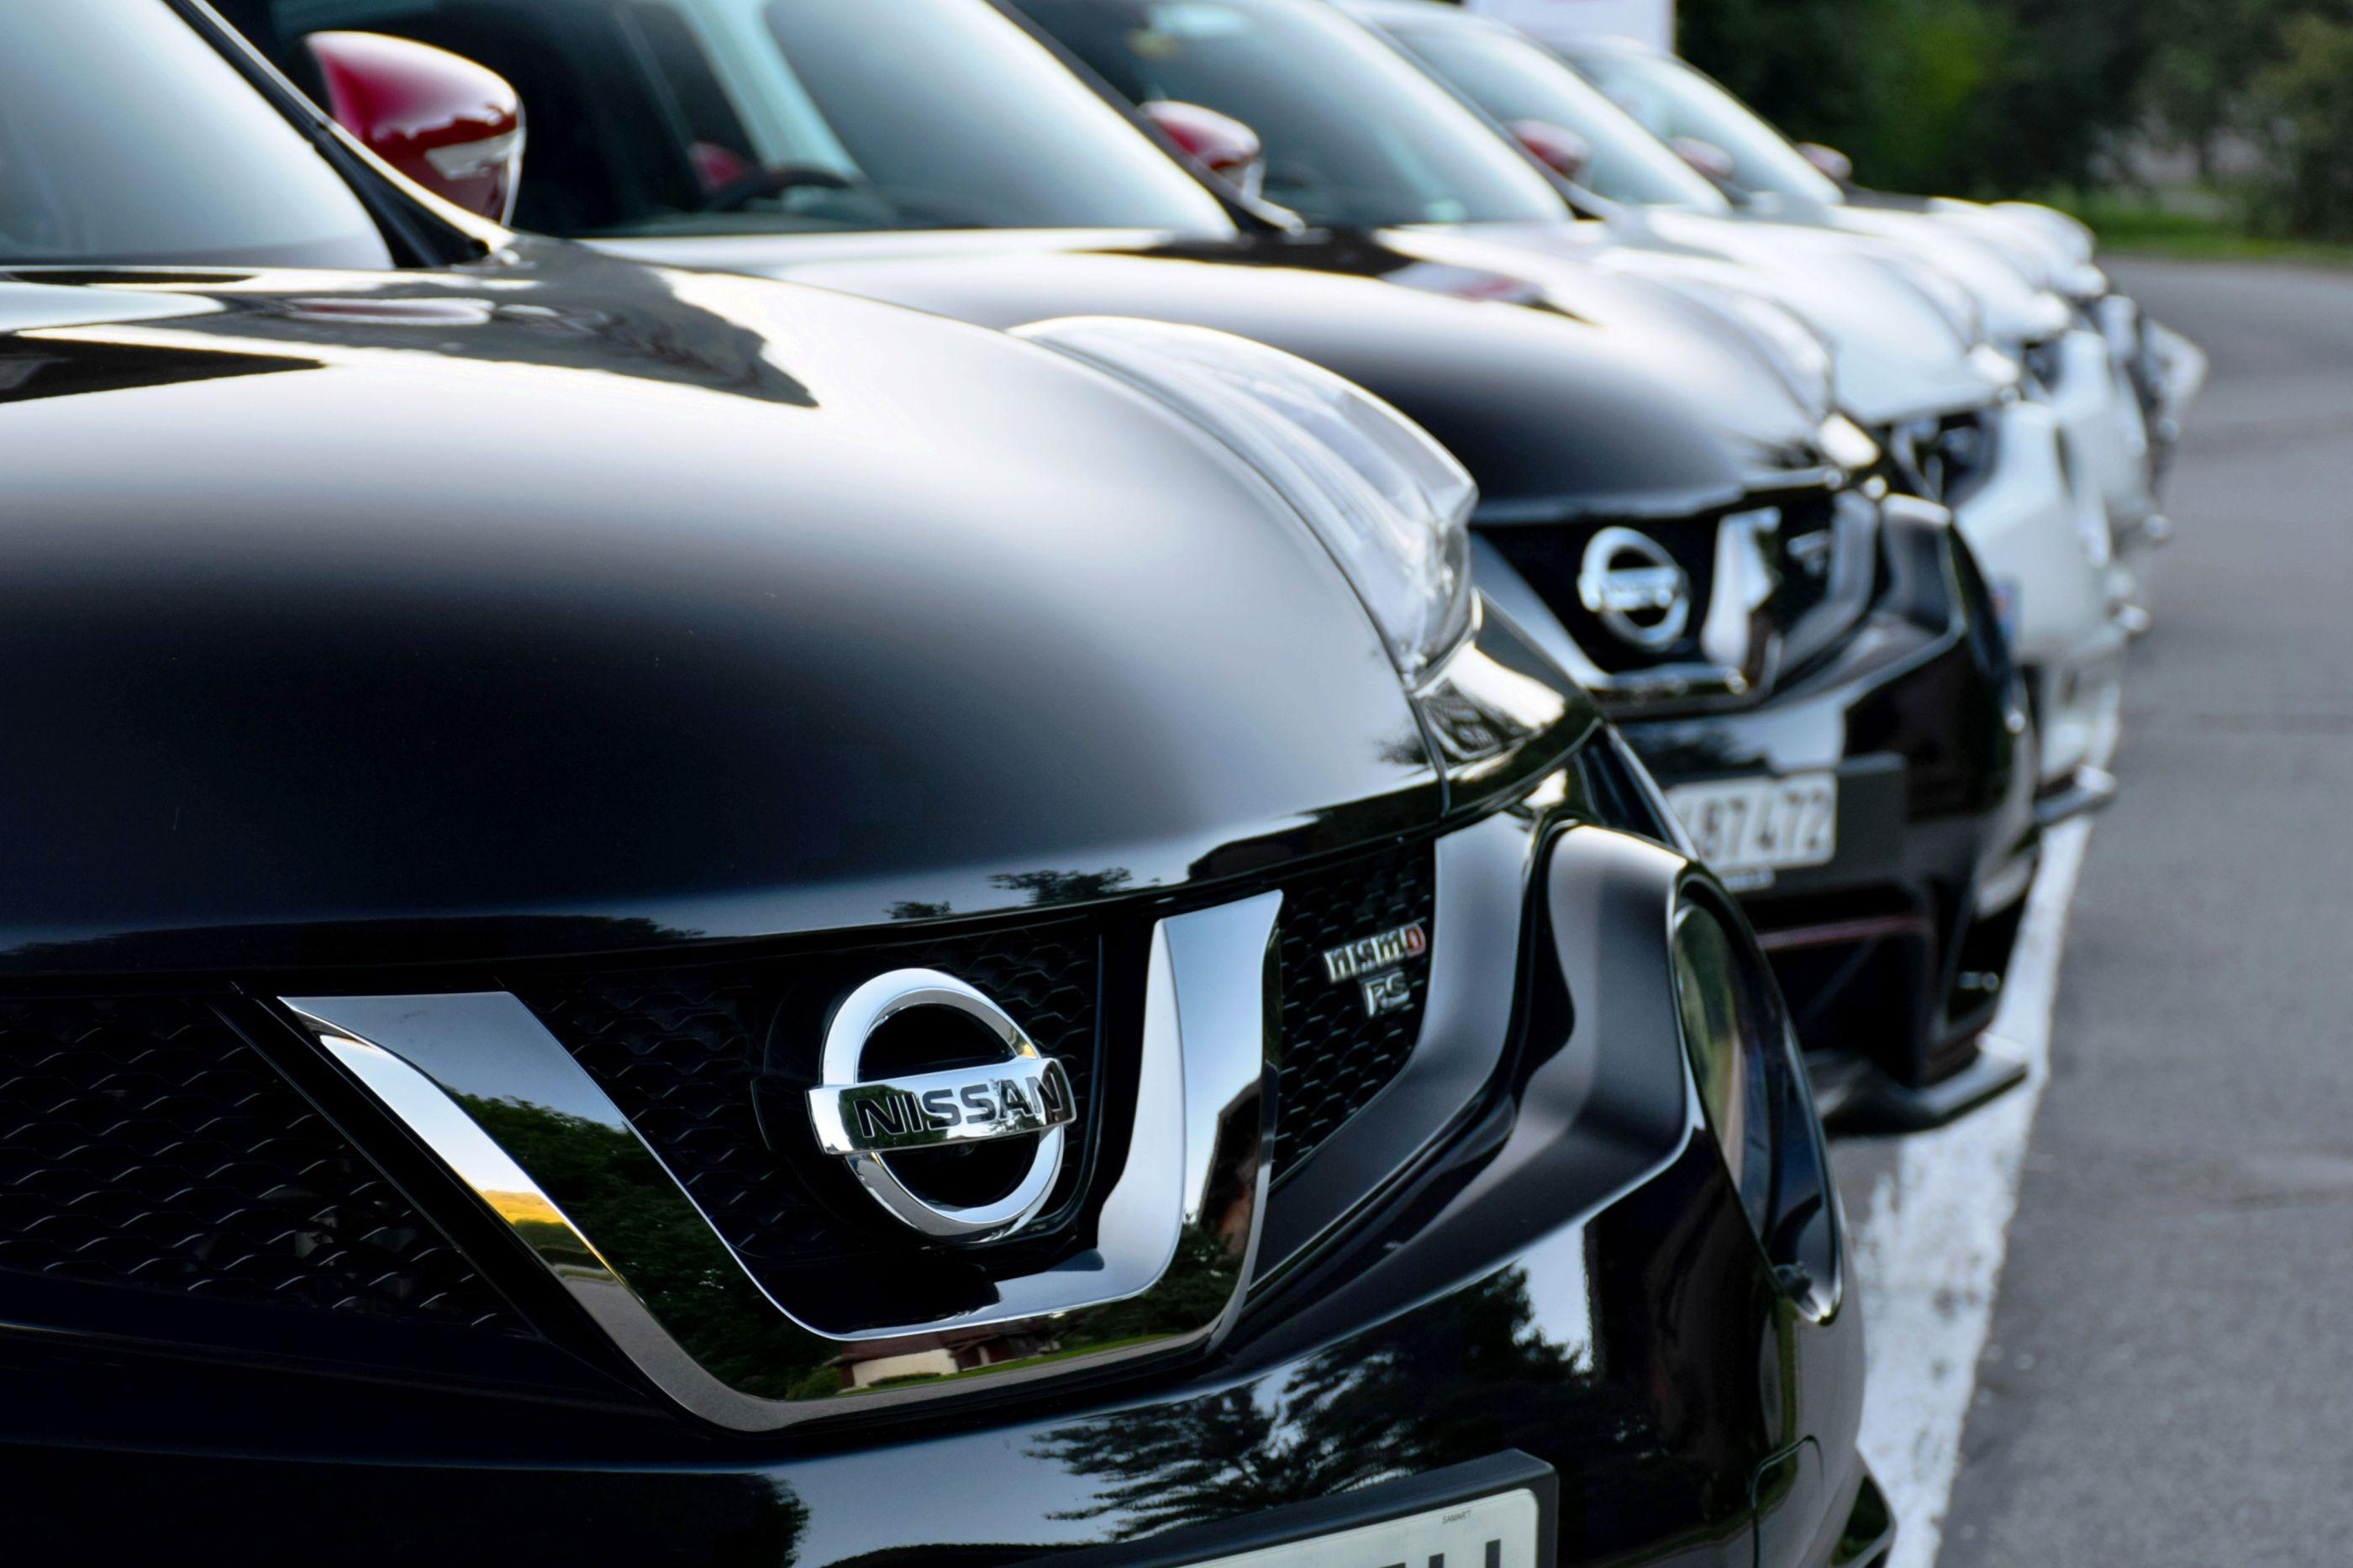 Brexit: Nissan desiste de plano de investimento no Reino Unido